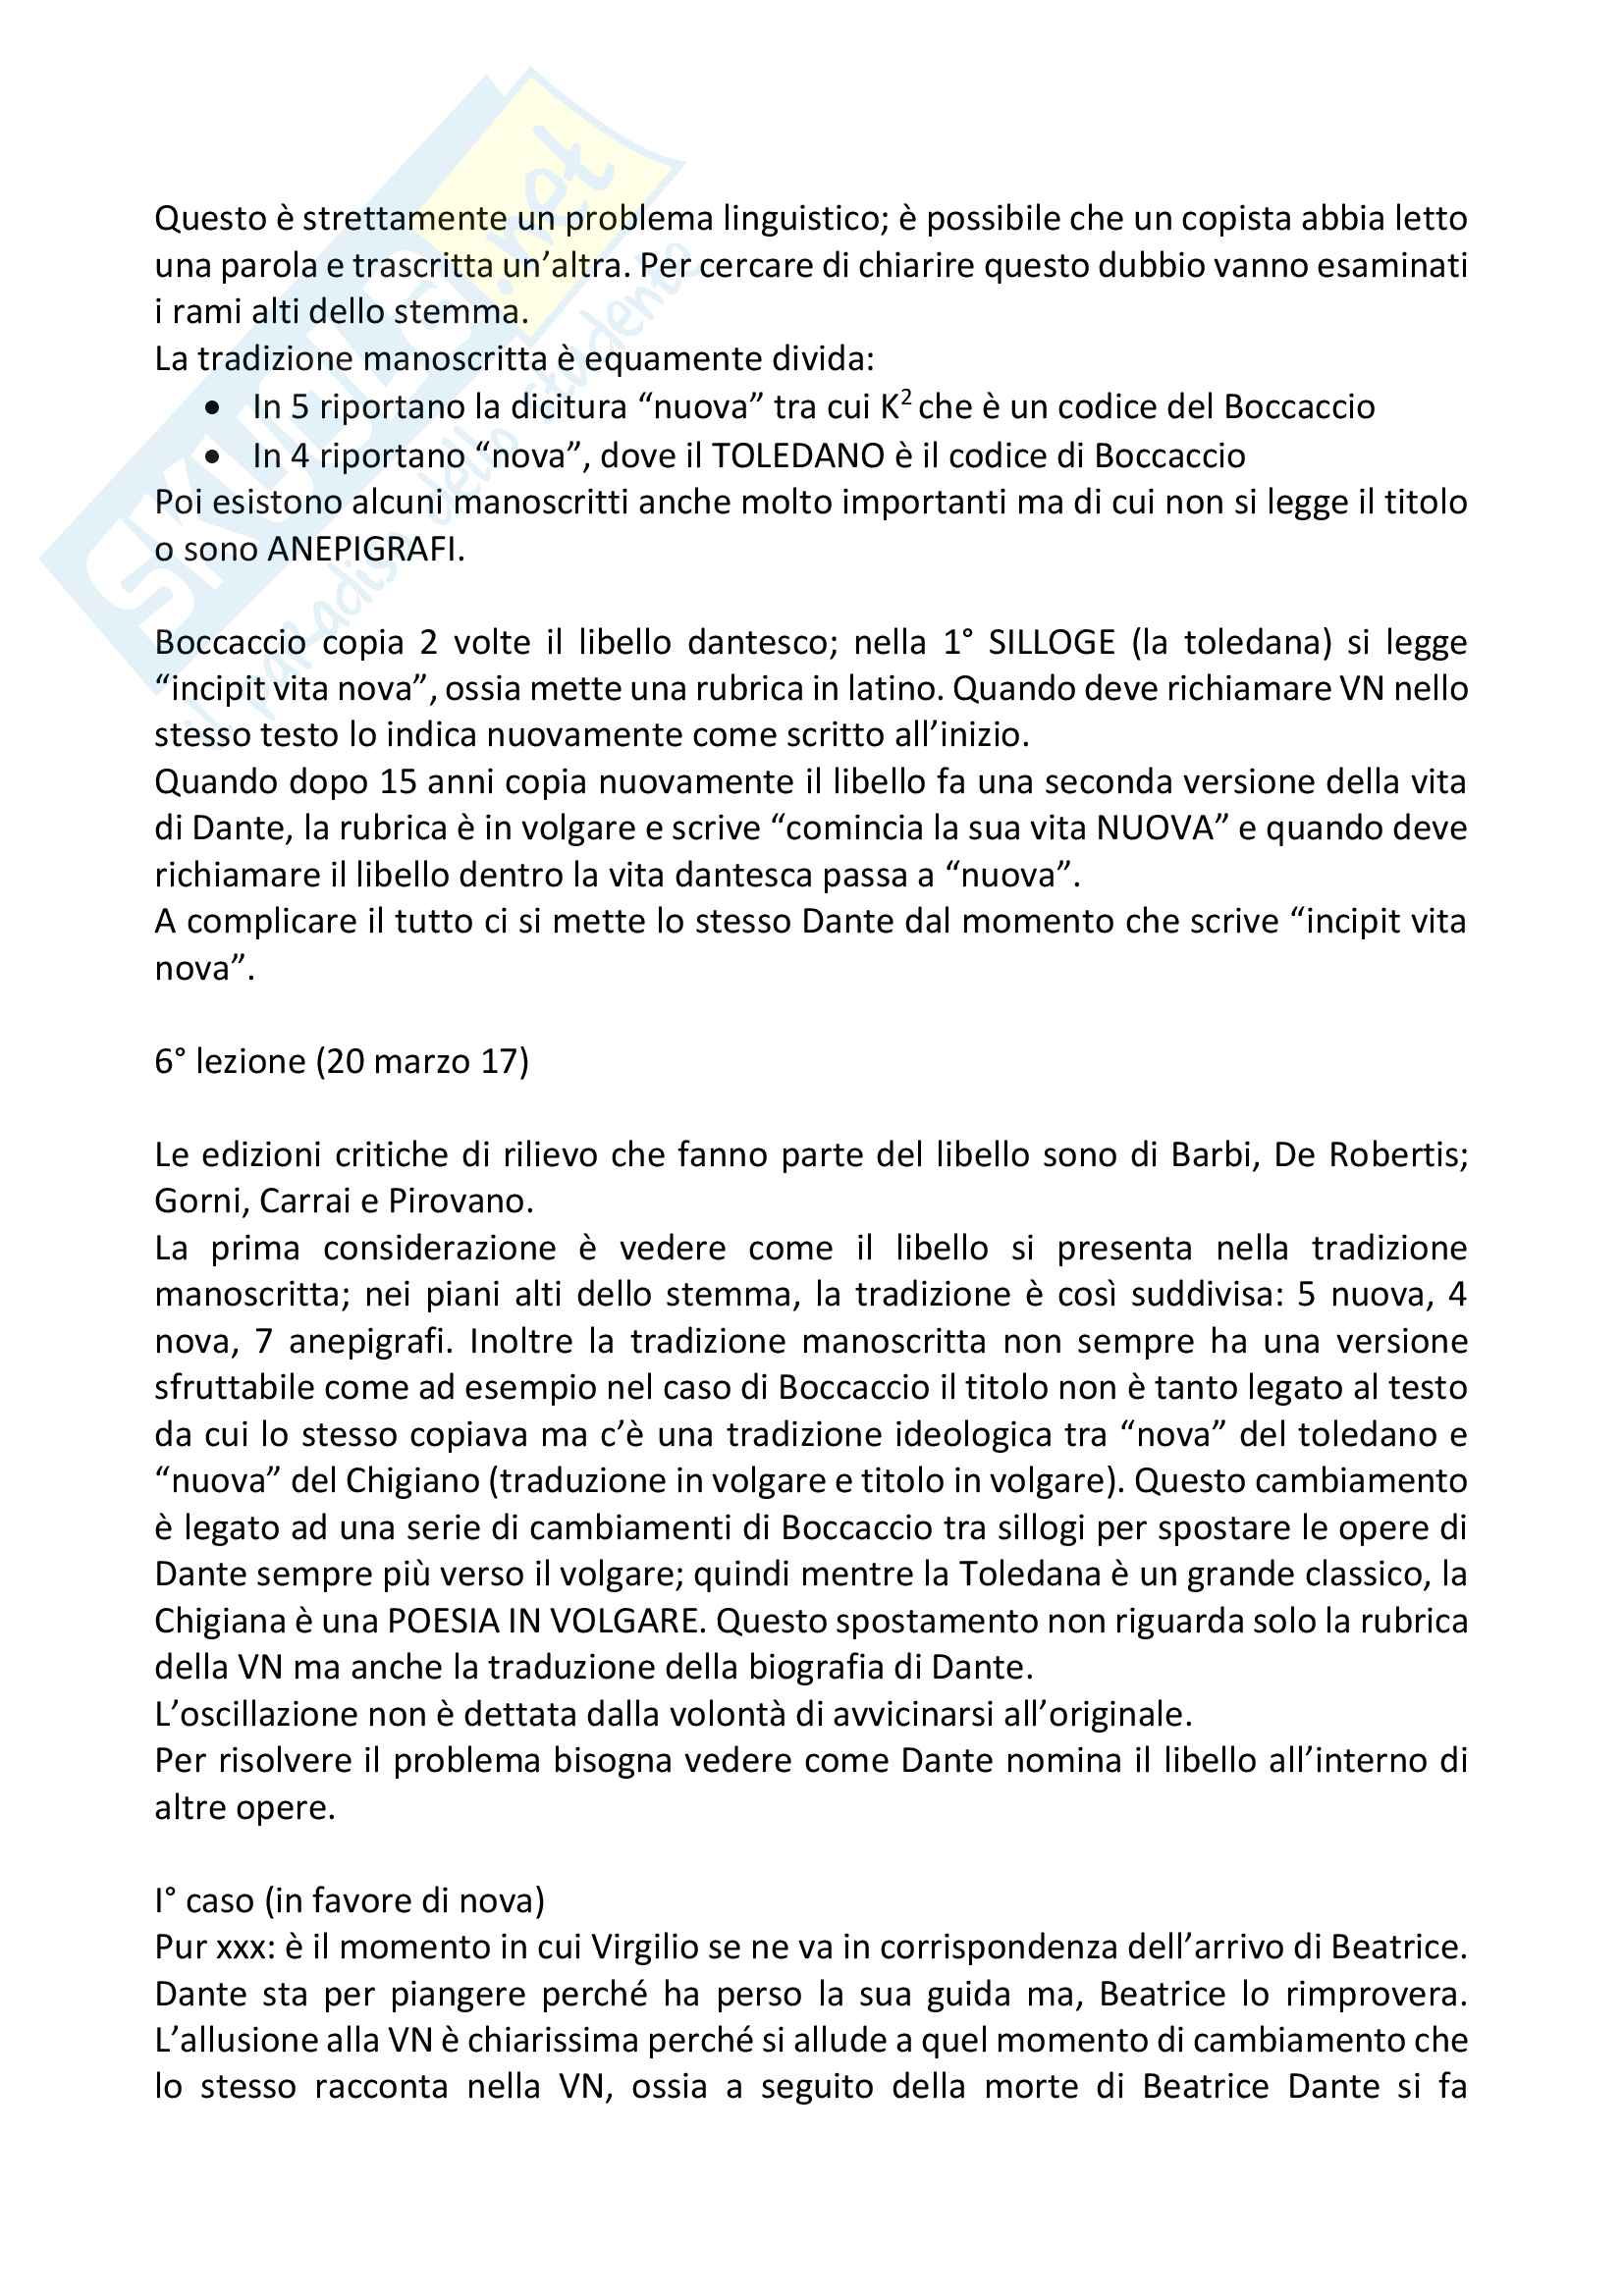 Filologia e critica dantesca: appunti dettagliati Pag. 16